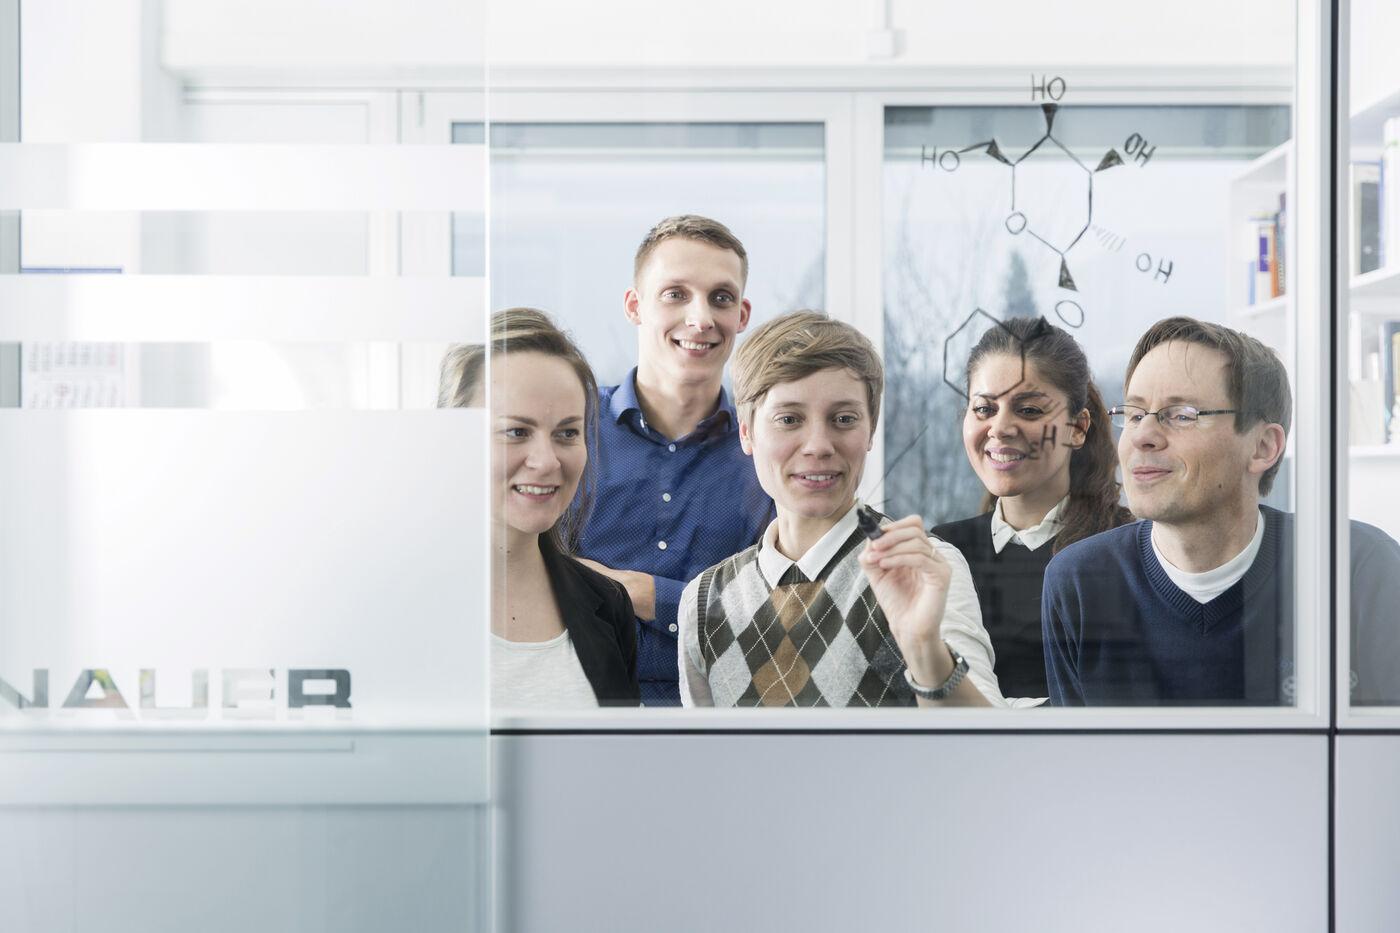 Export- oder Speditionskaufmann/-frau (m/w/d) - Job - Jobs at KNAUER - Application form